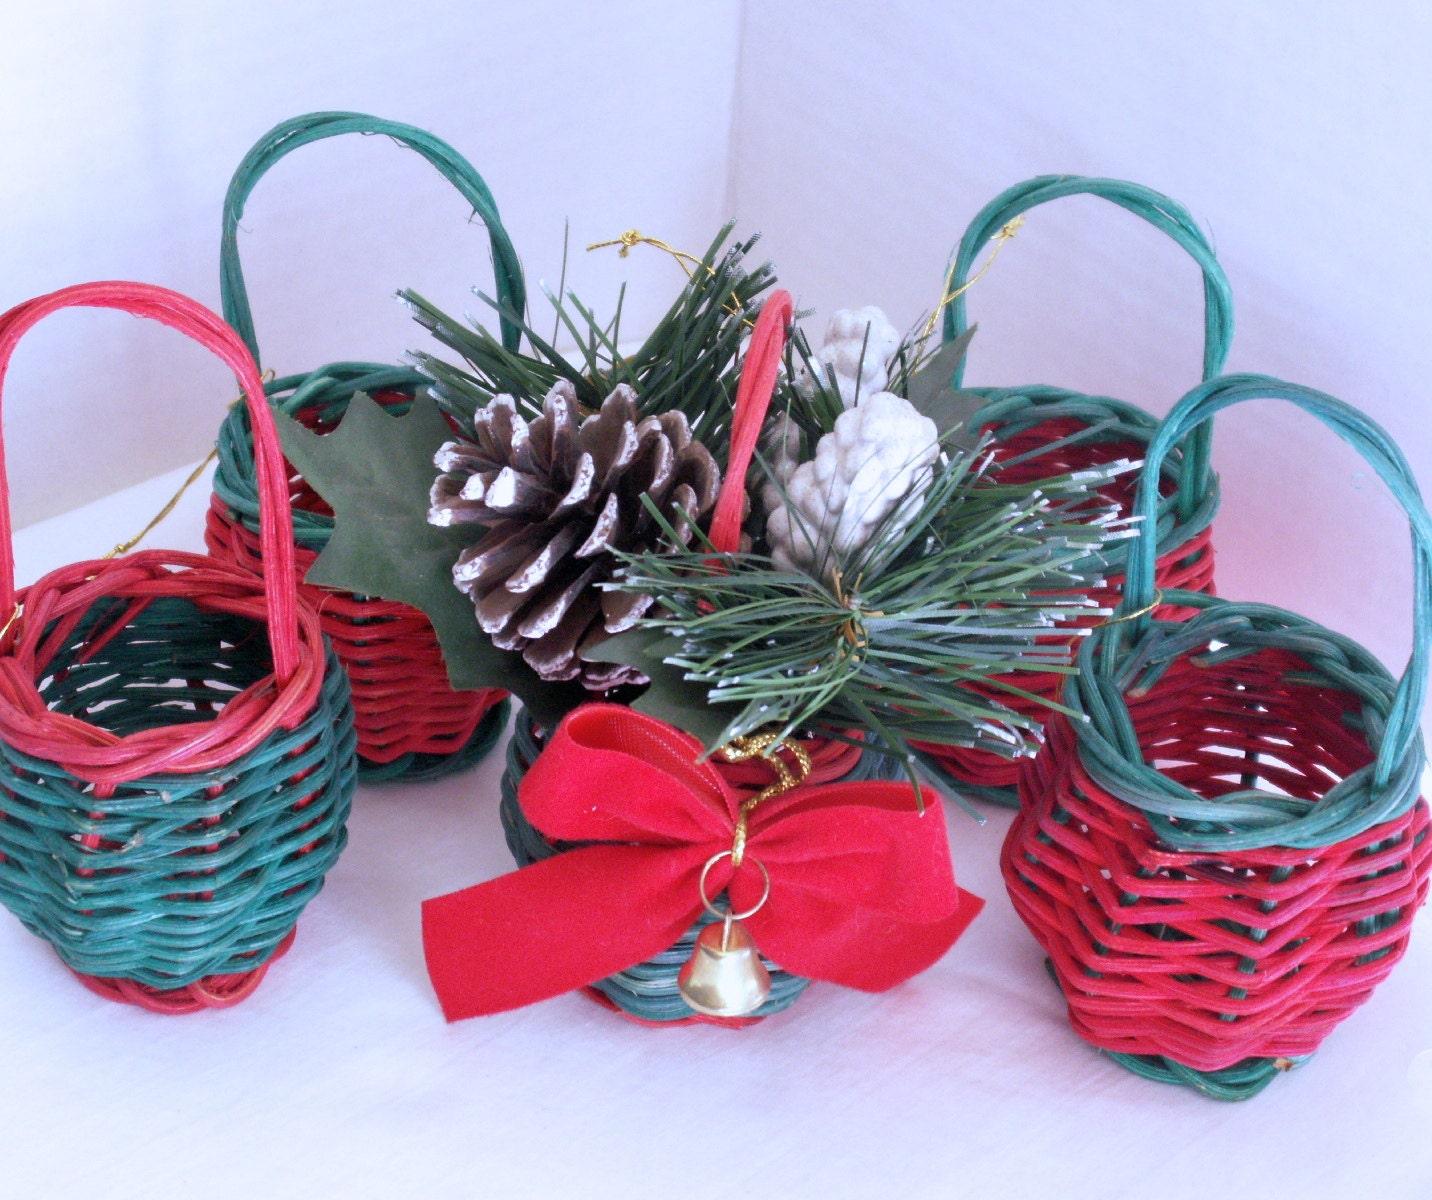 Mini Wicker Christmas Baskets By Dagutzyone On Etsy